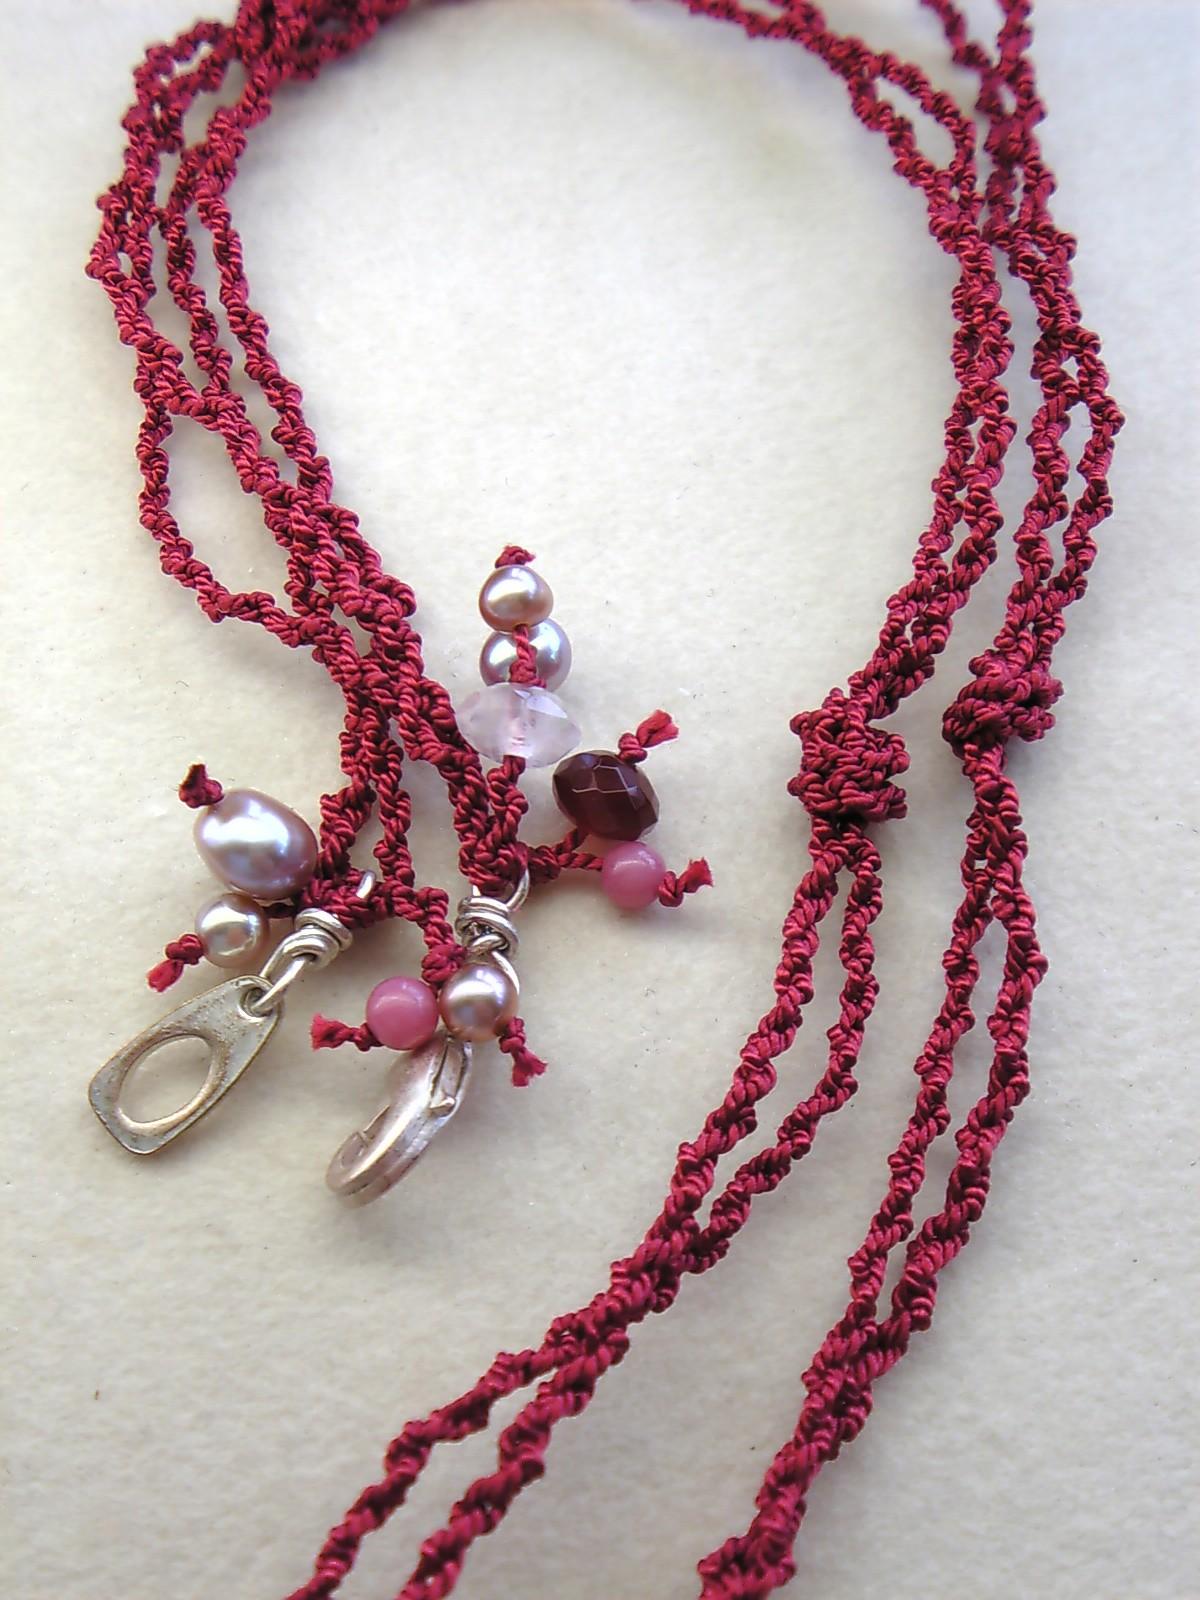 ipod用の絹紐の紐